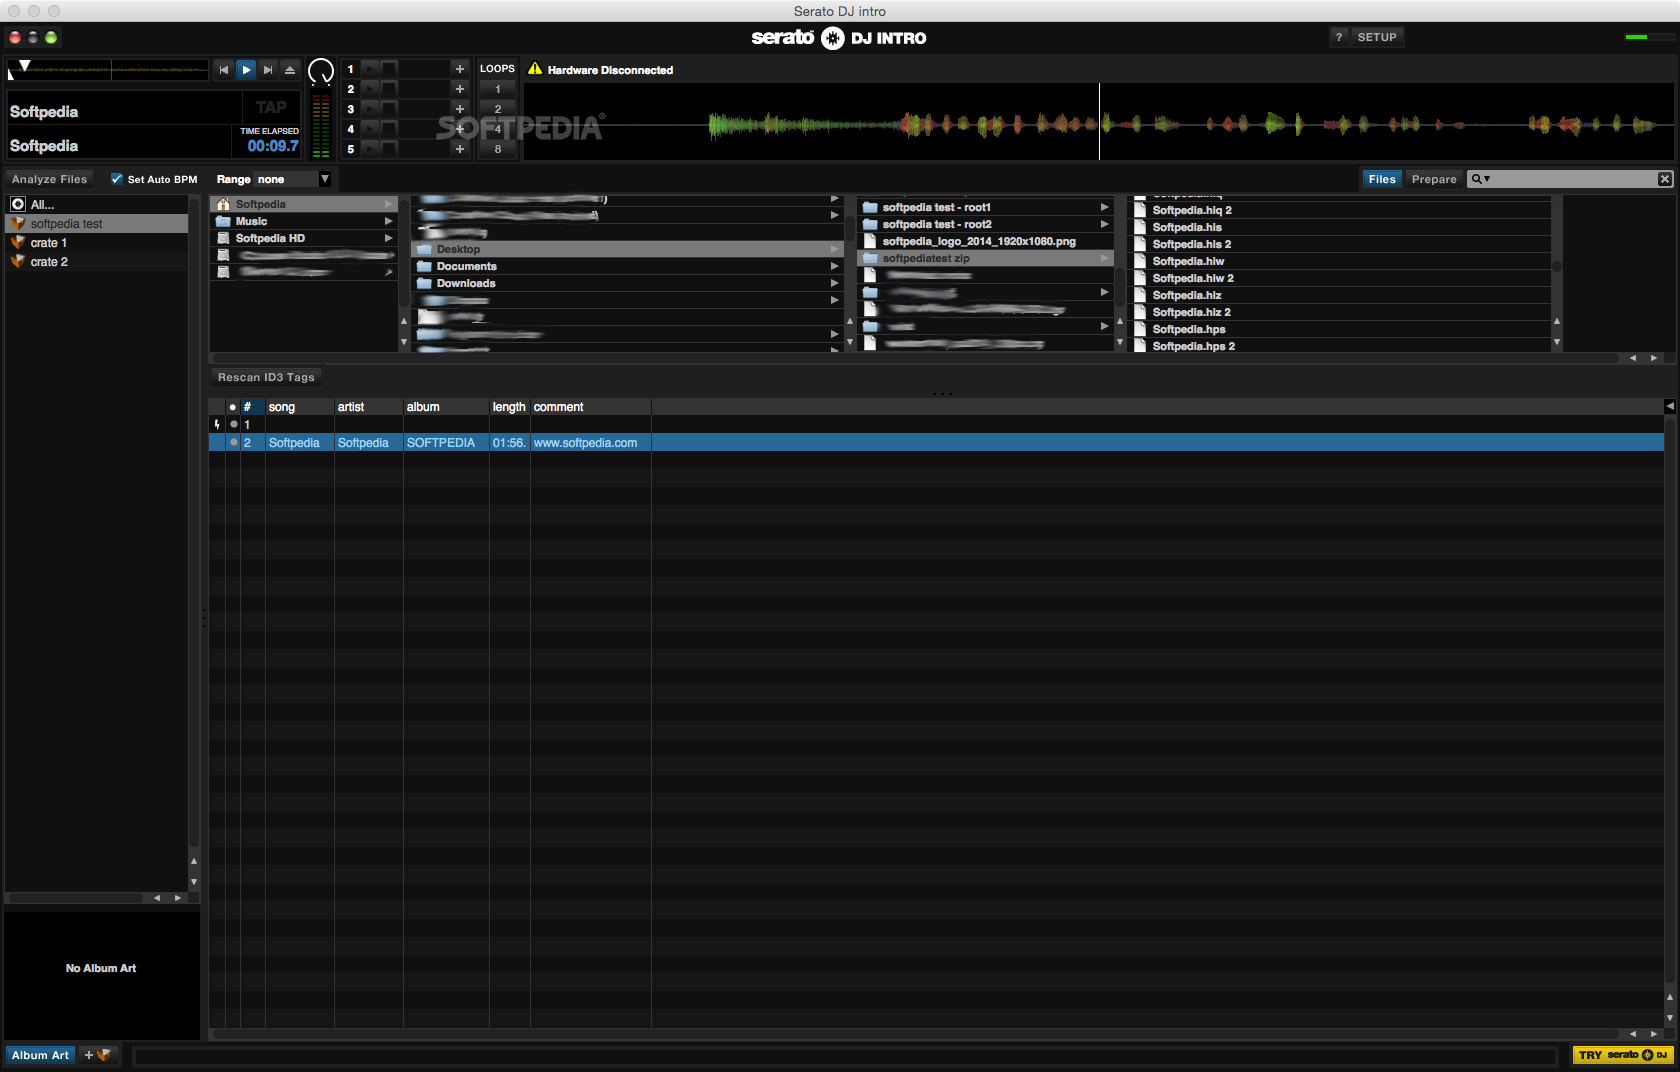 serato dj download for mac